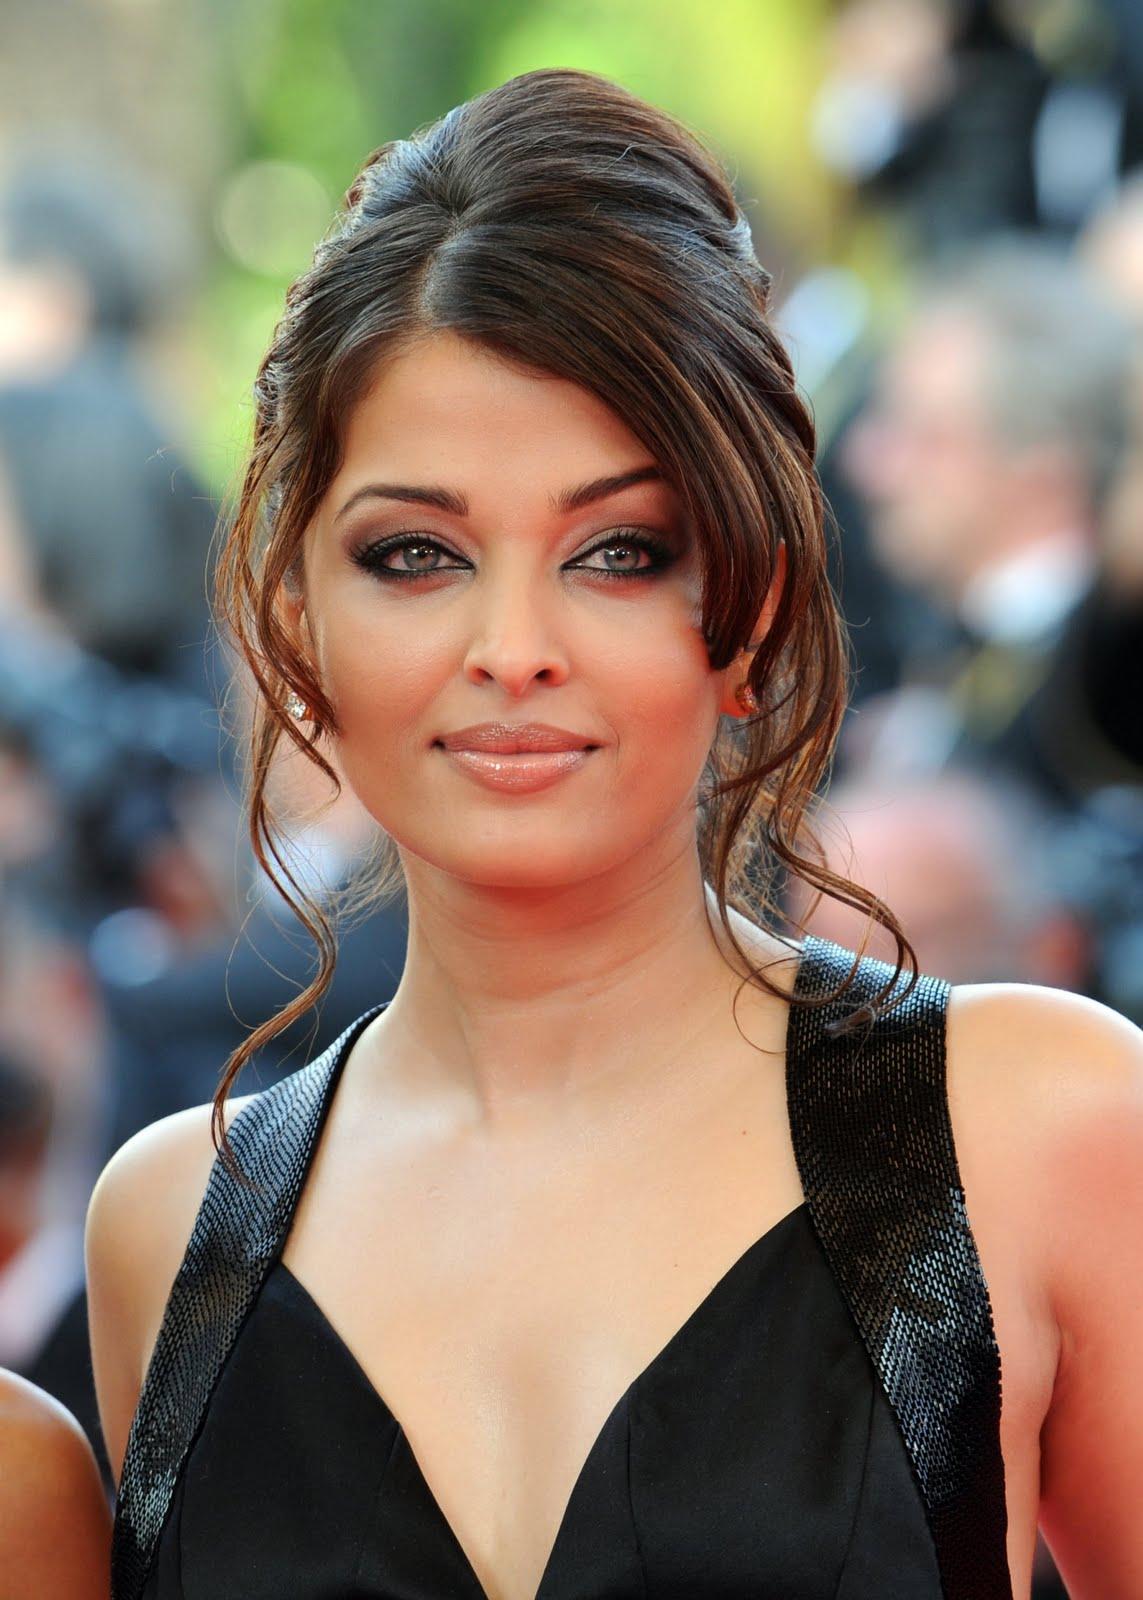 http://1.bp.blogspot.com/-J4_f2HN85Vg/Tc3c83yw7jI/AAAAAAAACcU/k0lgYb4WtDE/s1600/Miss+World+Aishwarya+Rai+2.jpg